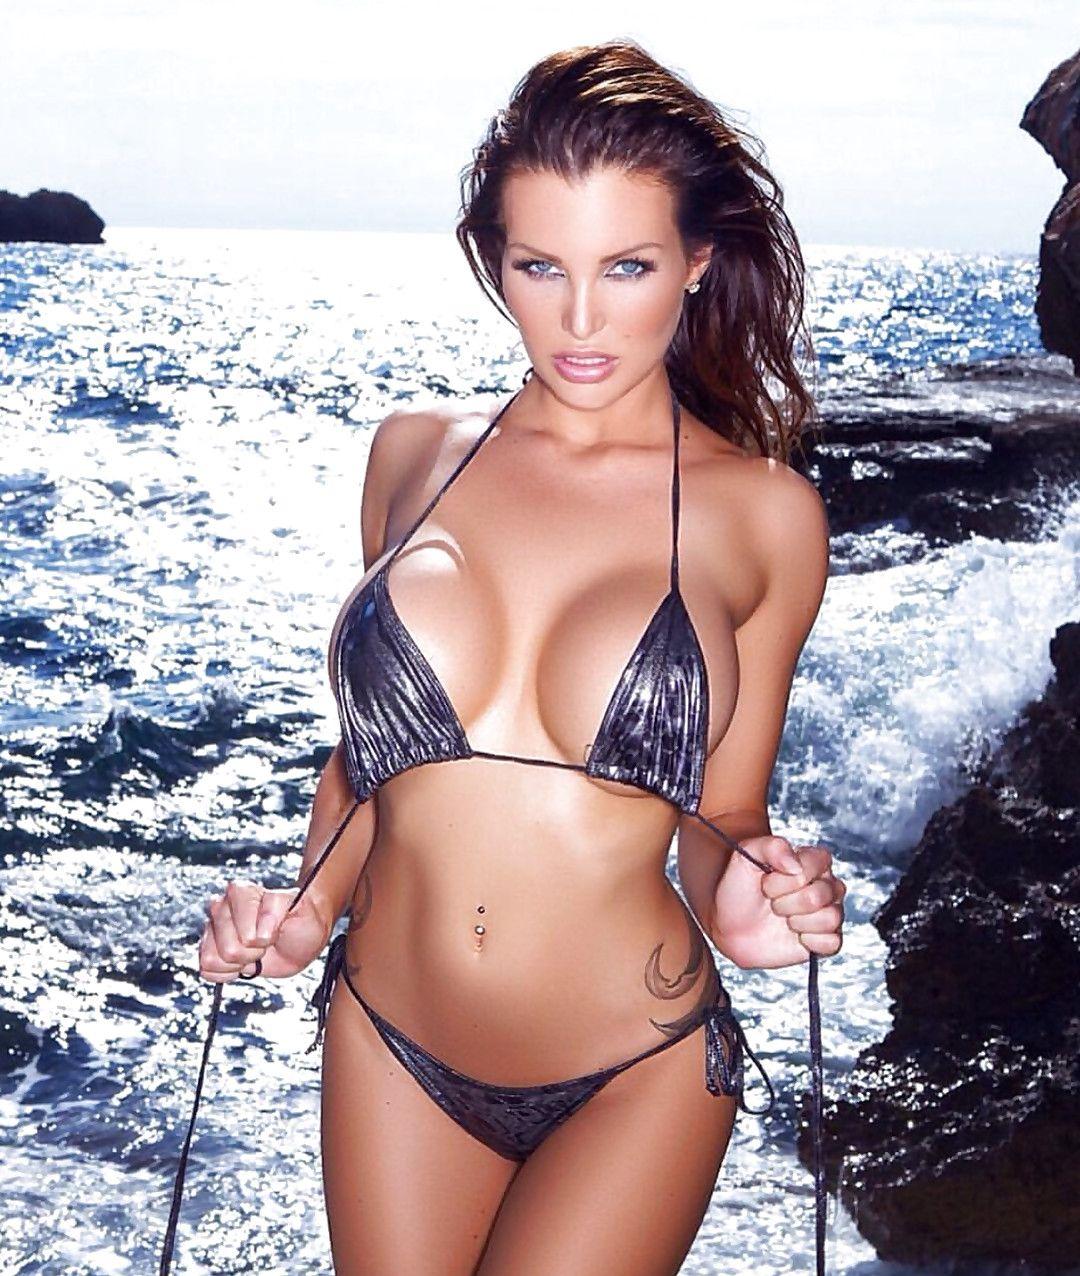 Bikini Helen de Muro nudes (45 photo), Sexy, Fappening, Boobs, in bikini 2019